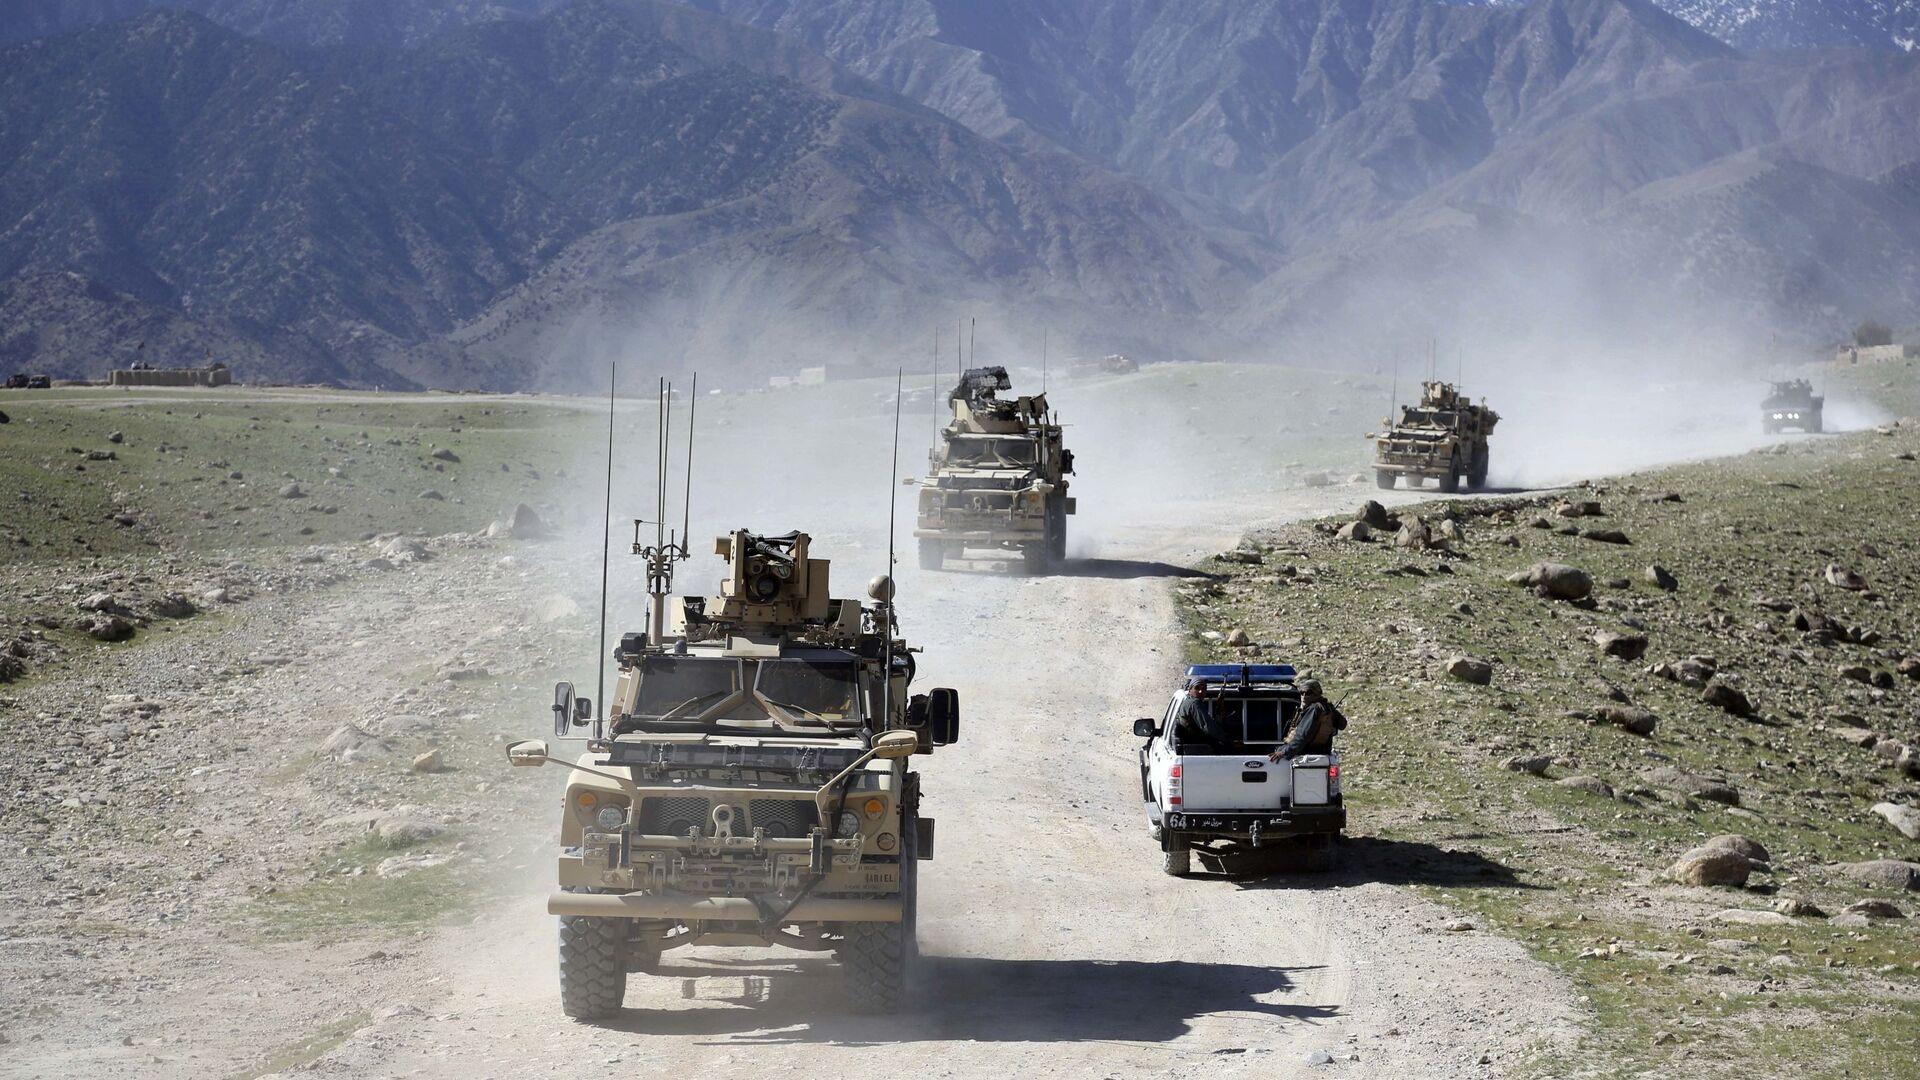 Convoglio di militari afghani e americani nella provincia di Nangarhar, in Afghanistan - Sputnik Italia, 1920, 20.05.2021